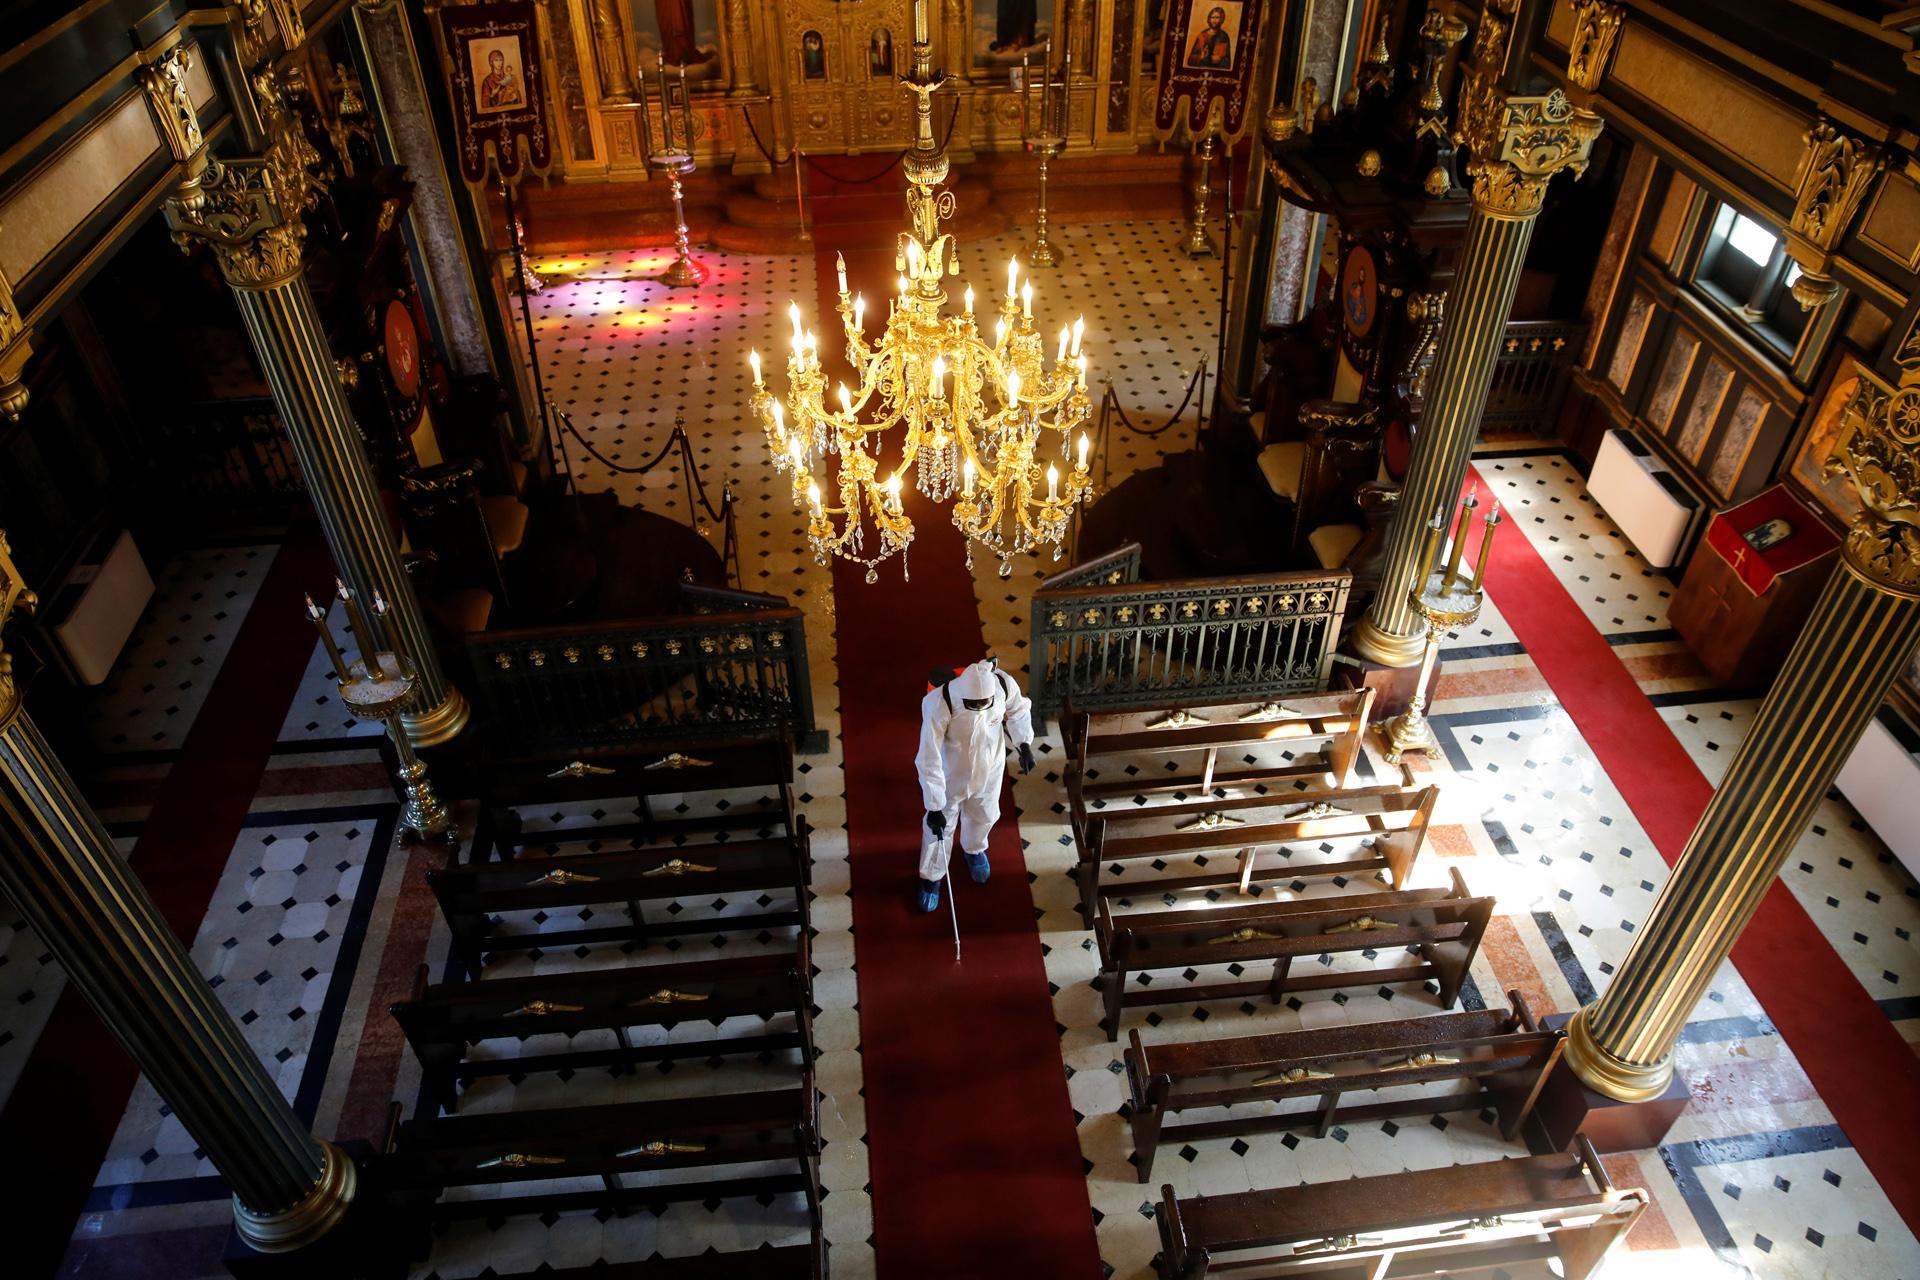 Σχέδια για την επόμενη μέρα με τη βοήθεια… της Εκκλησίας – Καθοριστική η Μεγάλη Εβδομάδα